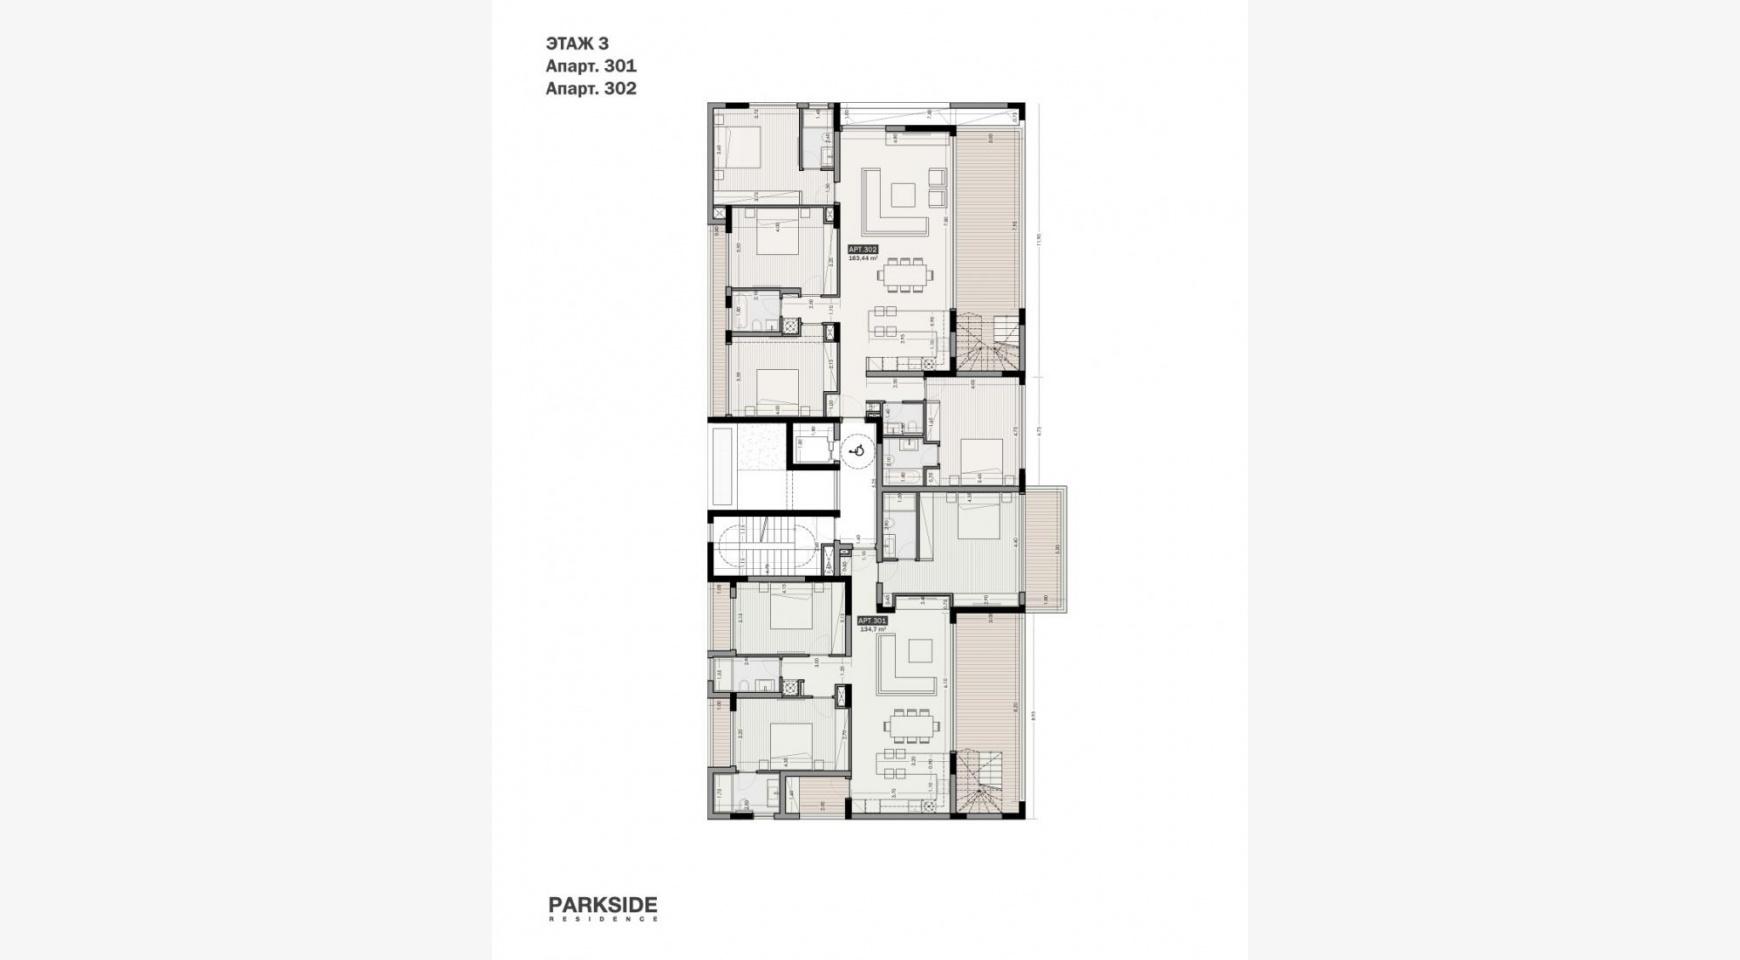 Parkside Residence, Кв. 301. 3-Спальный Пентхаус в Новом Комплексе в Туристическом Районе - 31